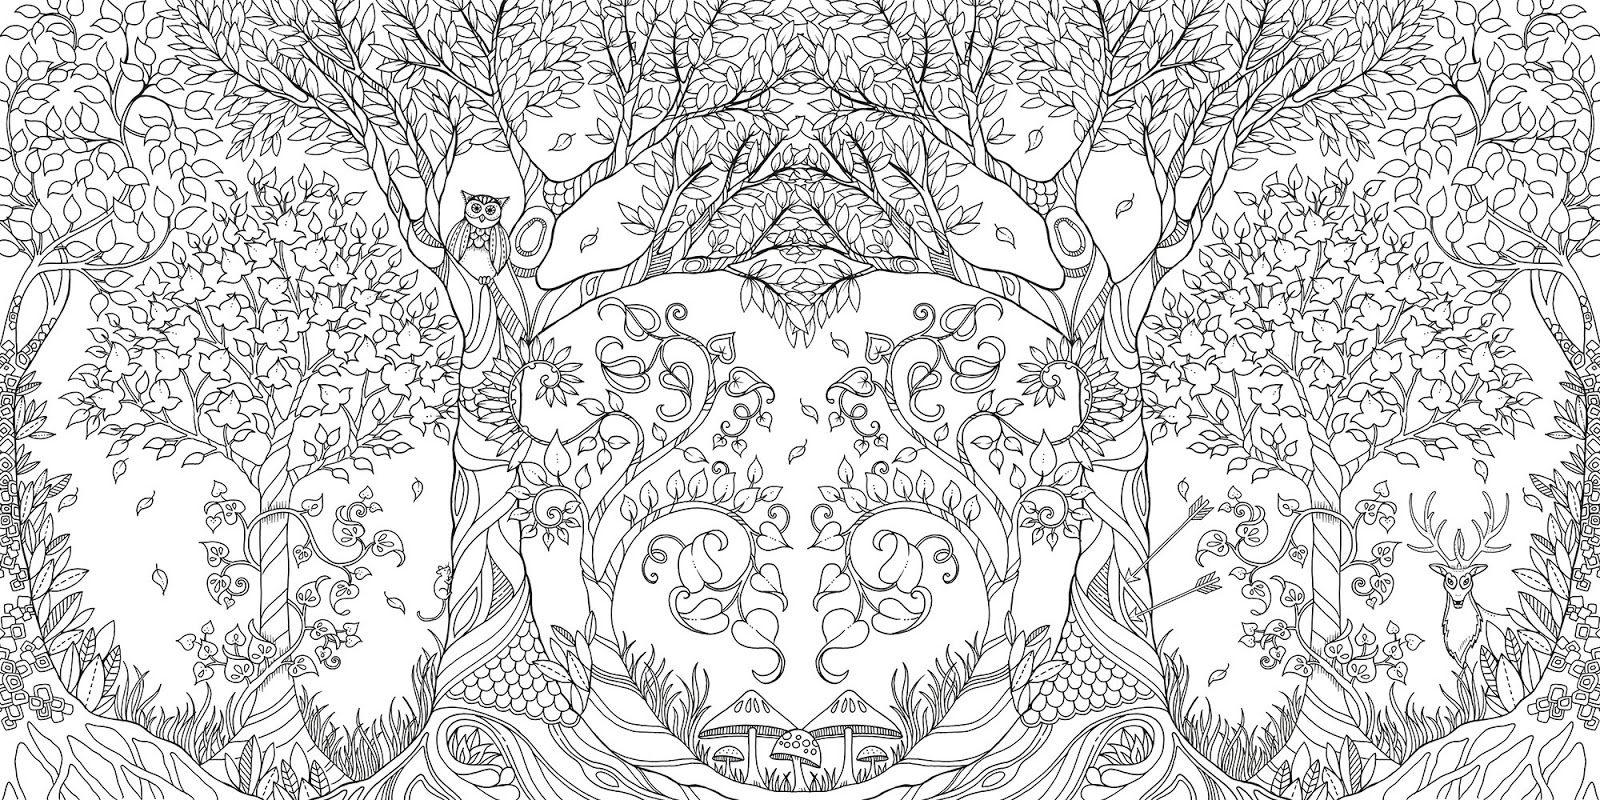 Fresh The Secret Garden Coloring Book 17 Clumsy Doodle Meet